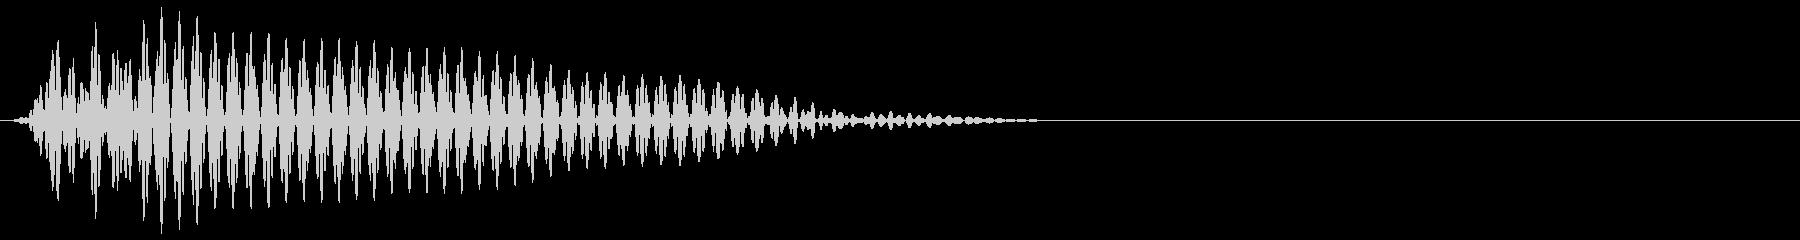 ゲーム掛け声ゾンビ1うめき3の未再生の波形